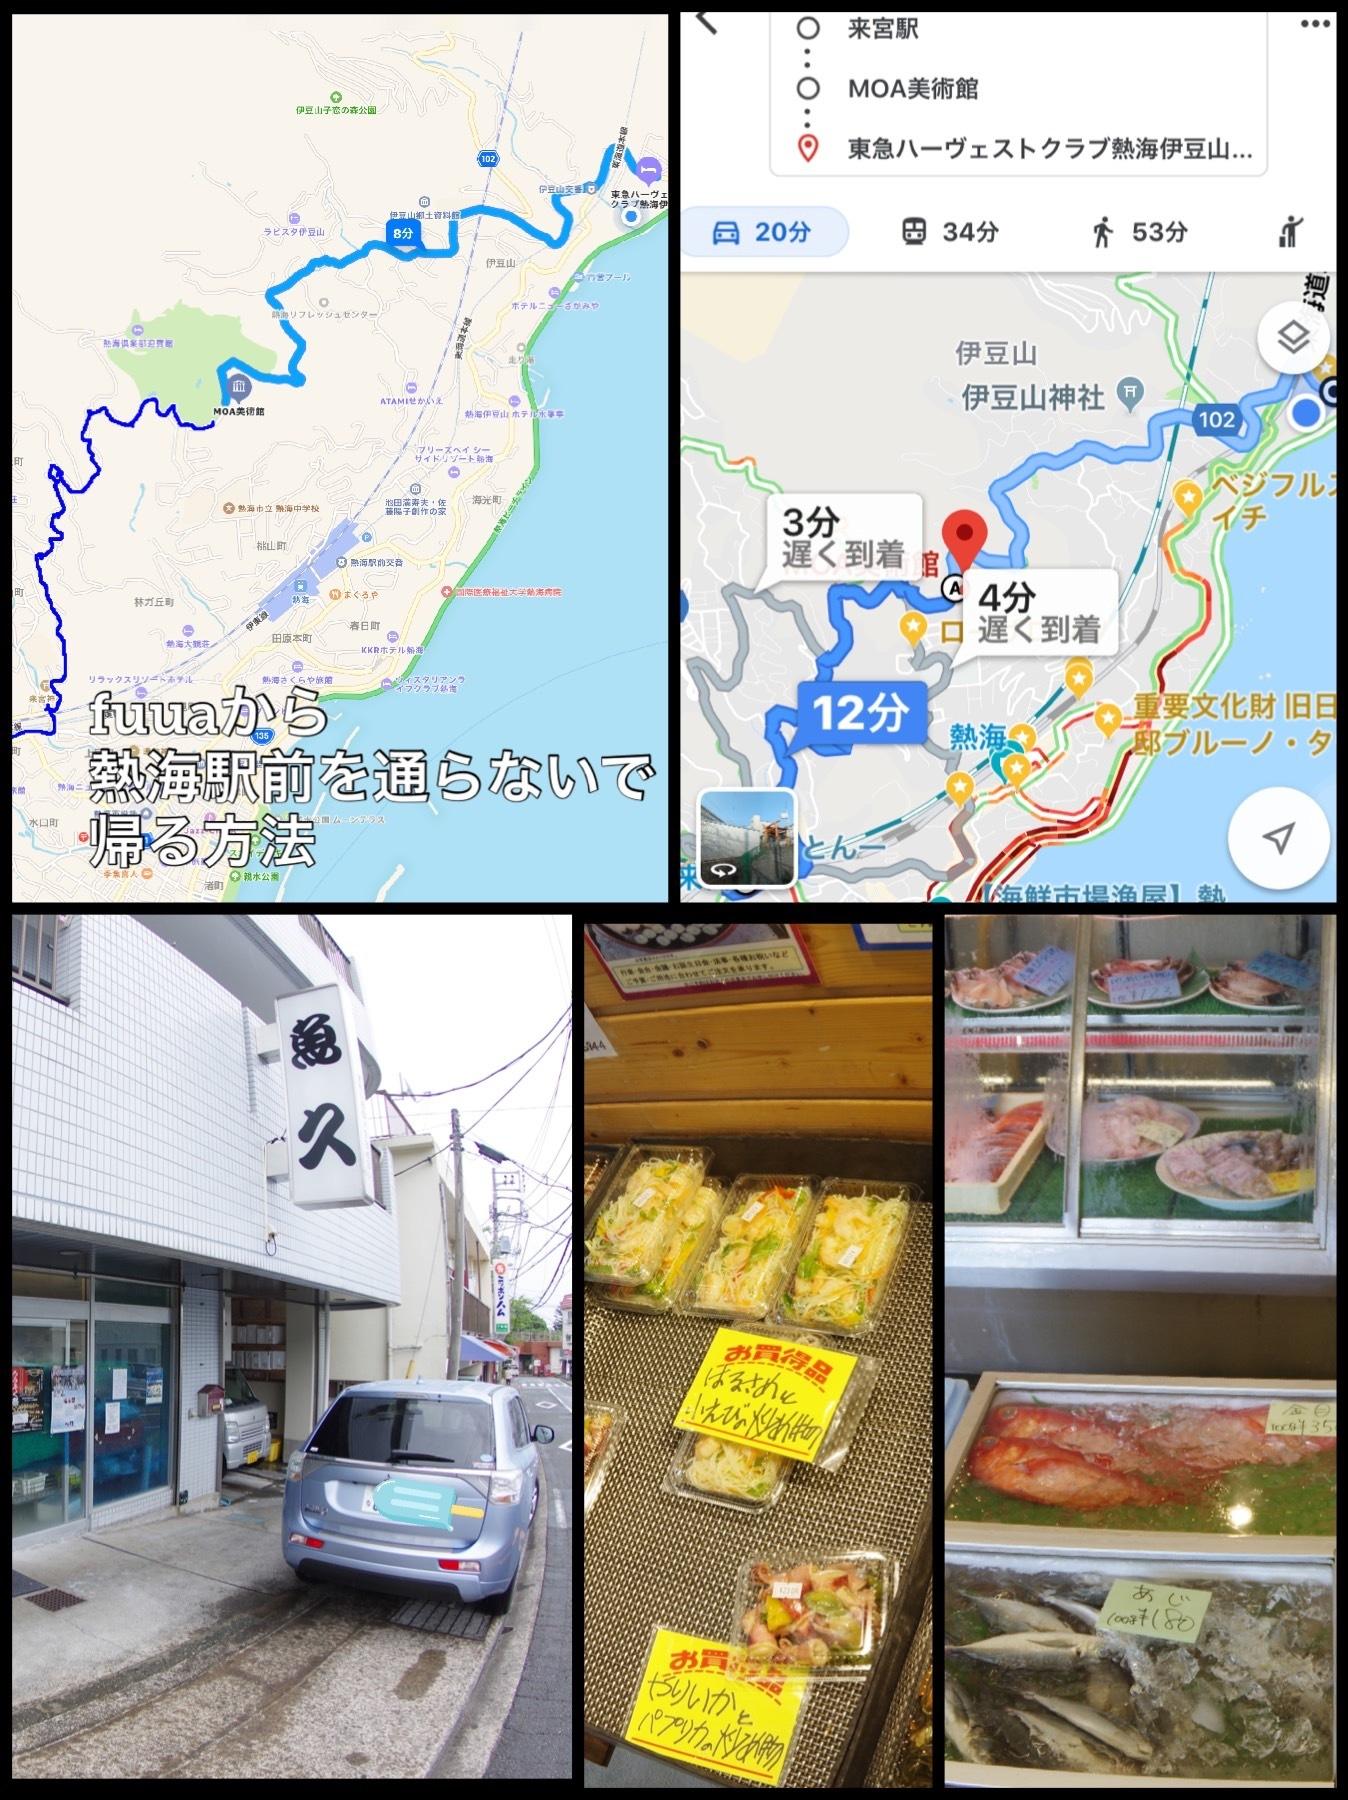 熱海 伊豆山 寿司 魚久 テイクアウト 熱海駅前回避抜け道